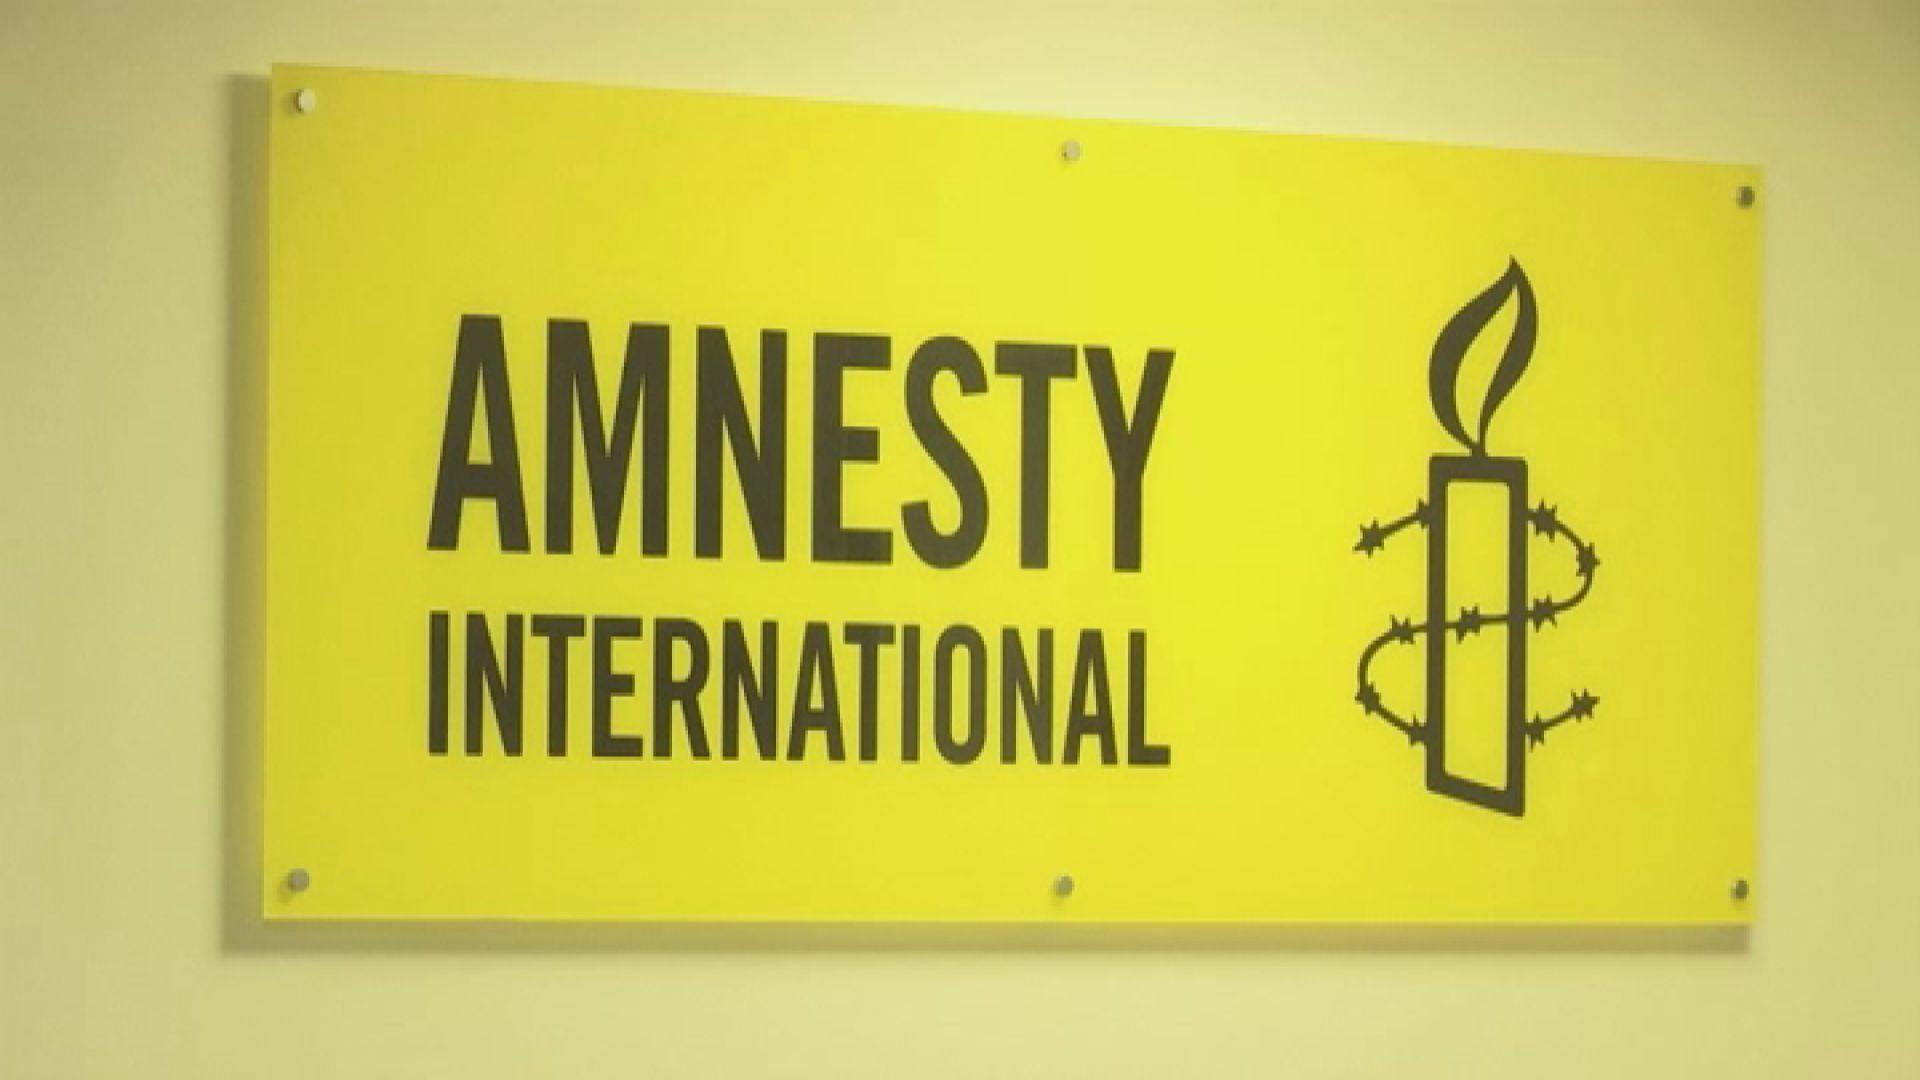 充斥欺凌文化 國際特赦組織重整管理層